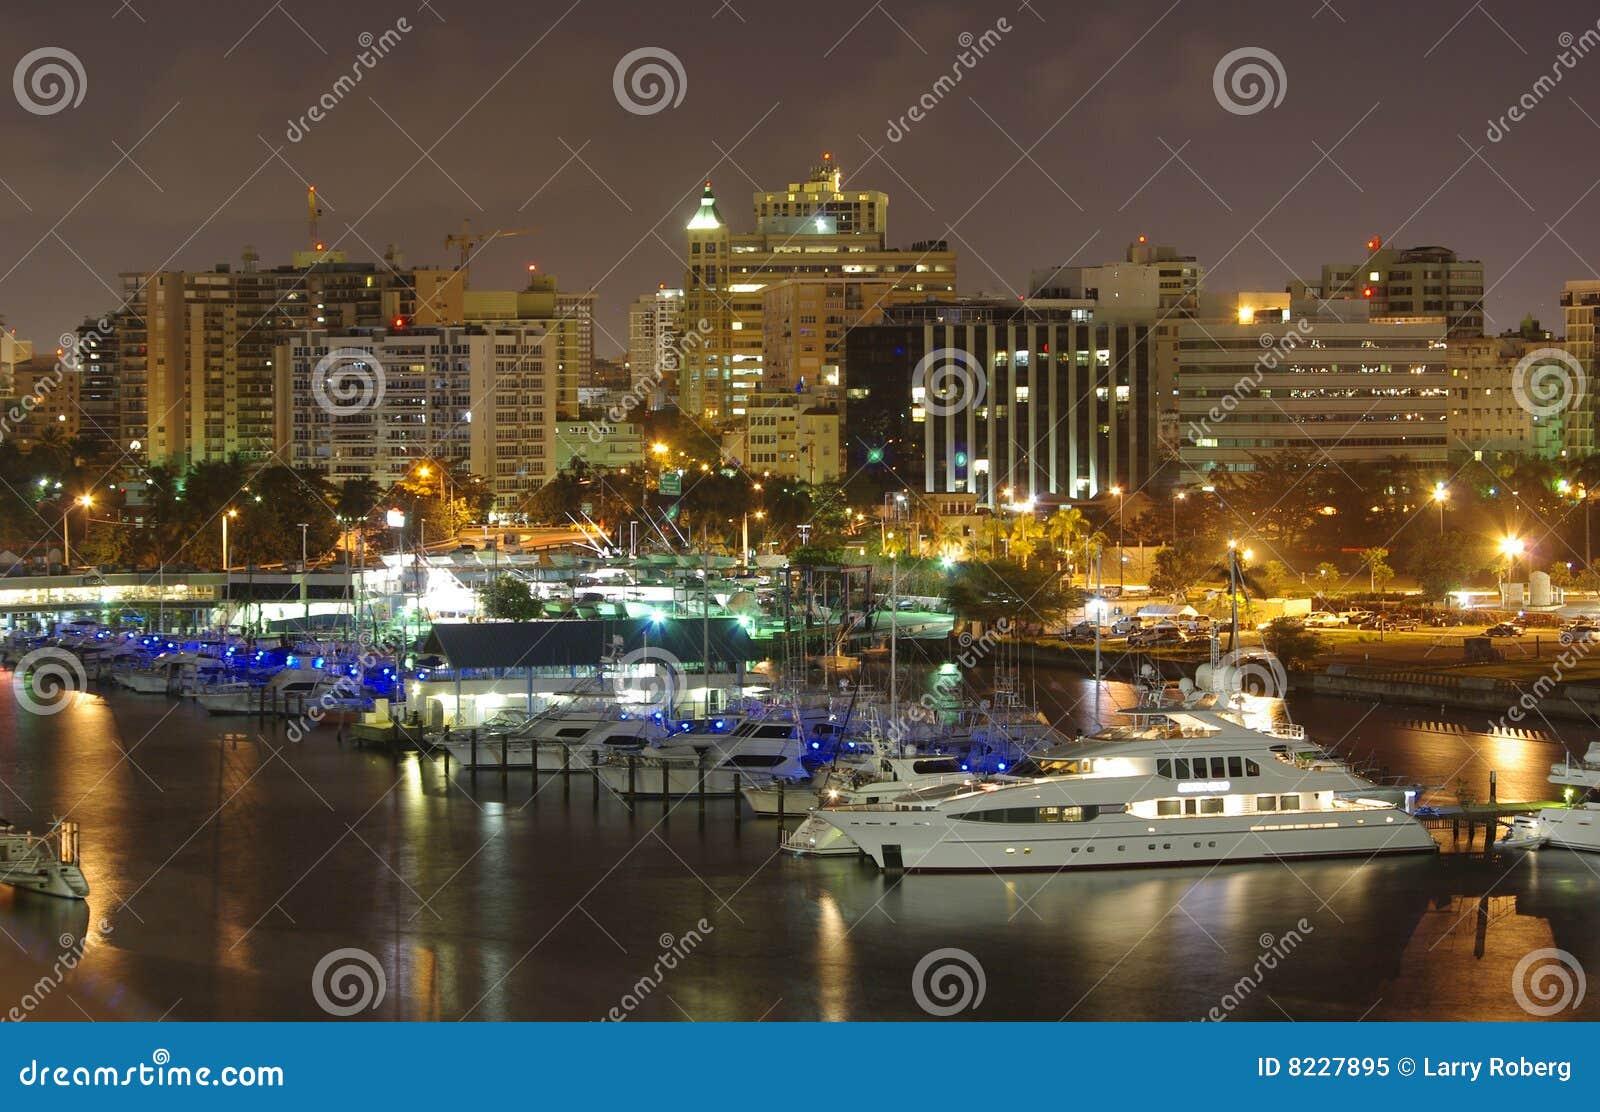 Noc puerto rico